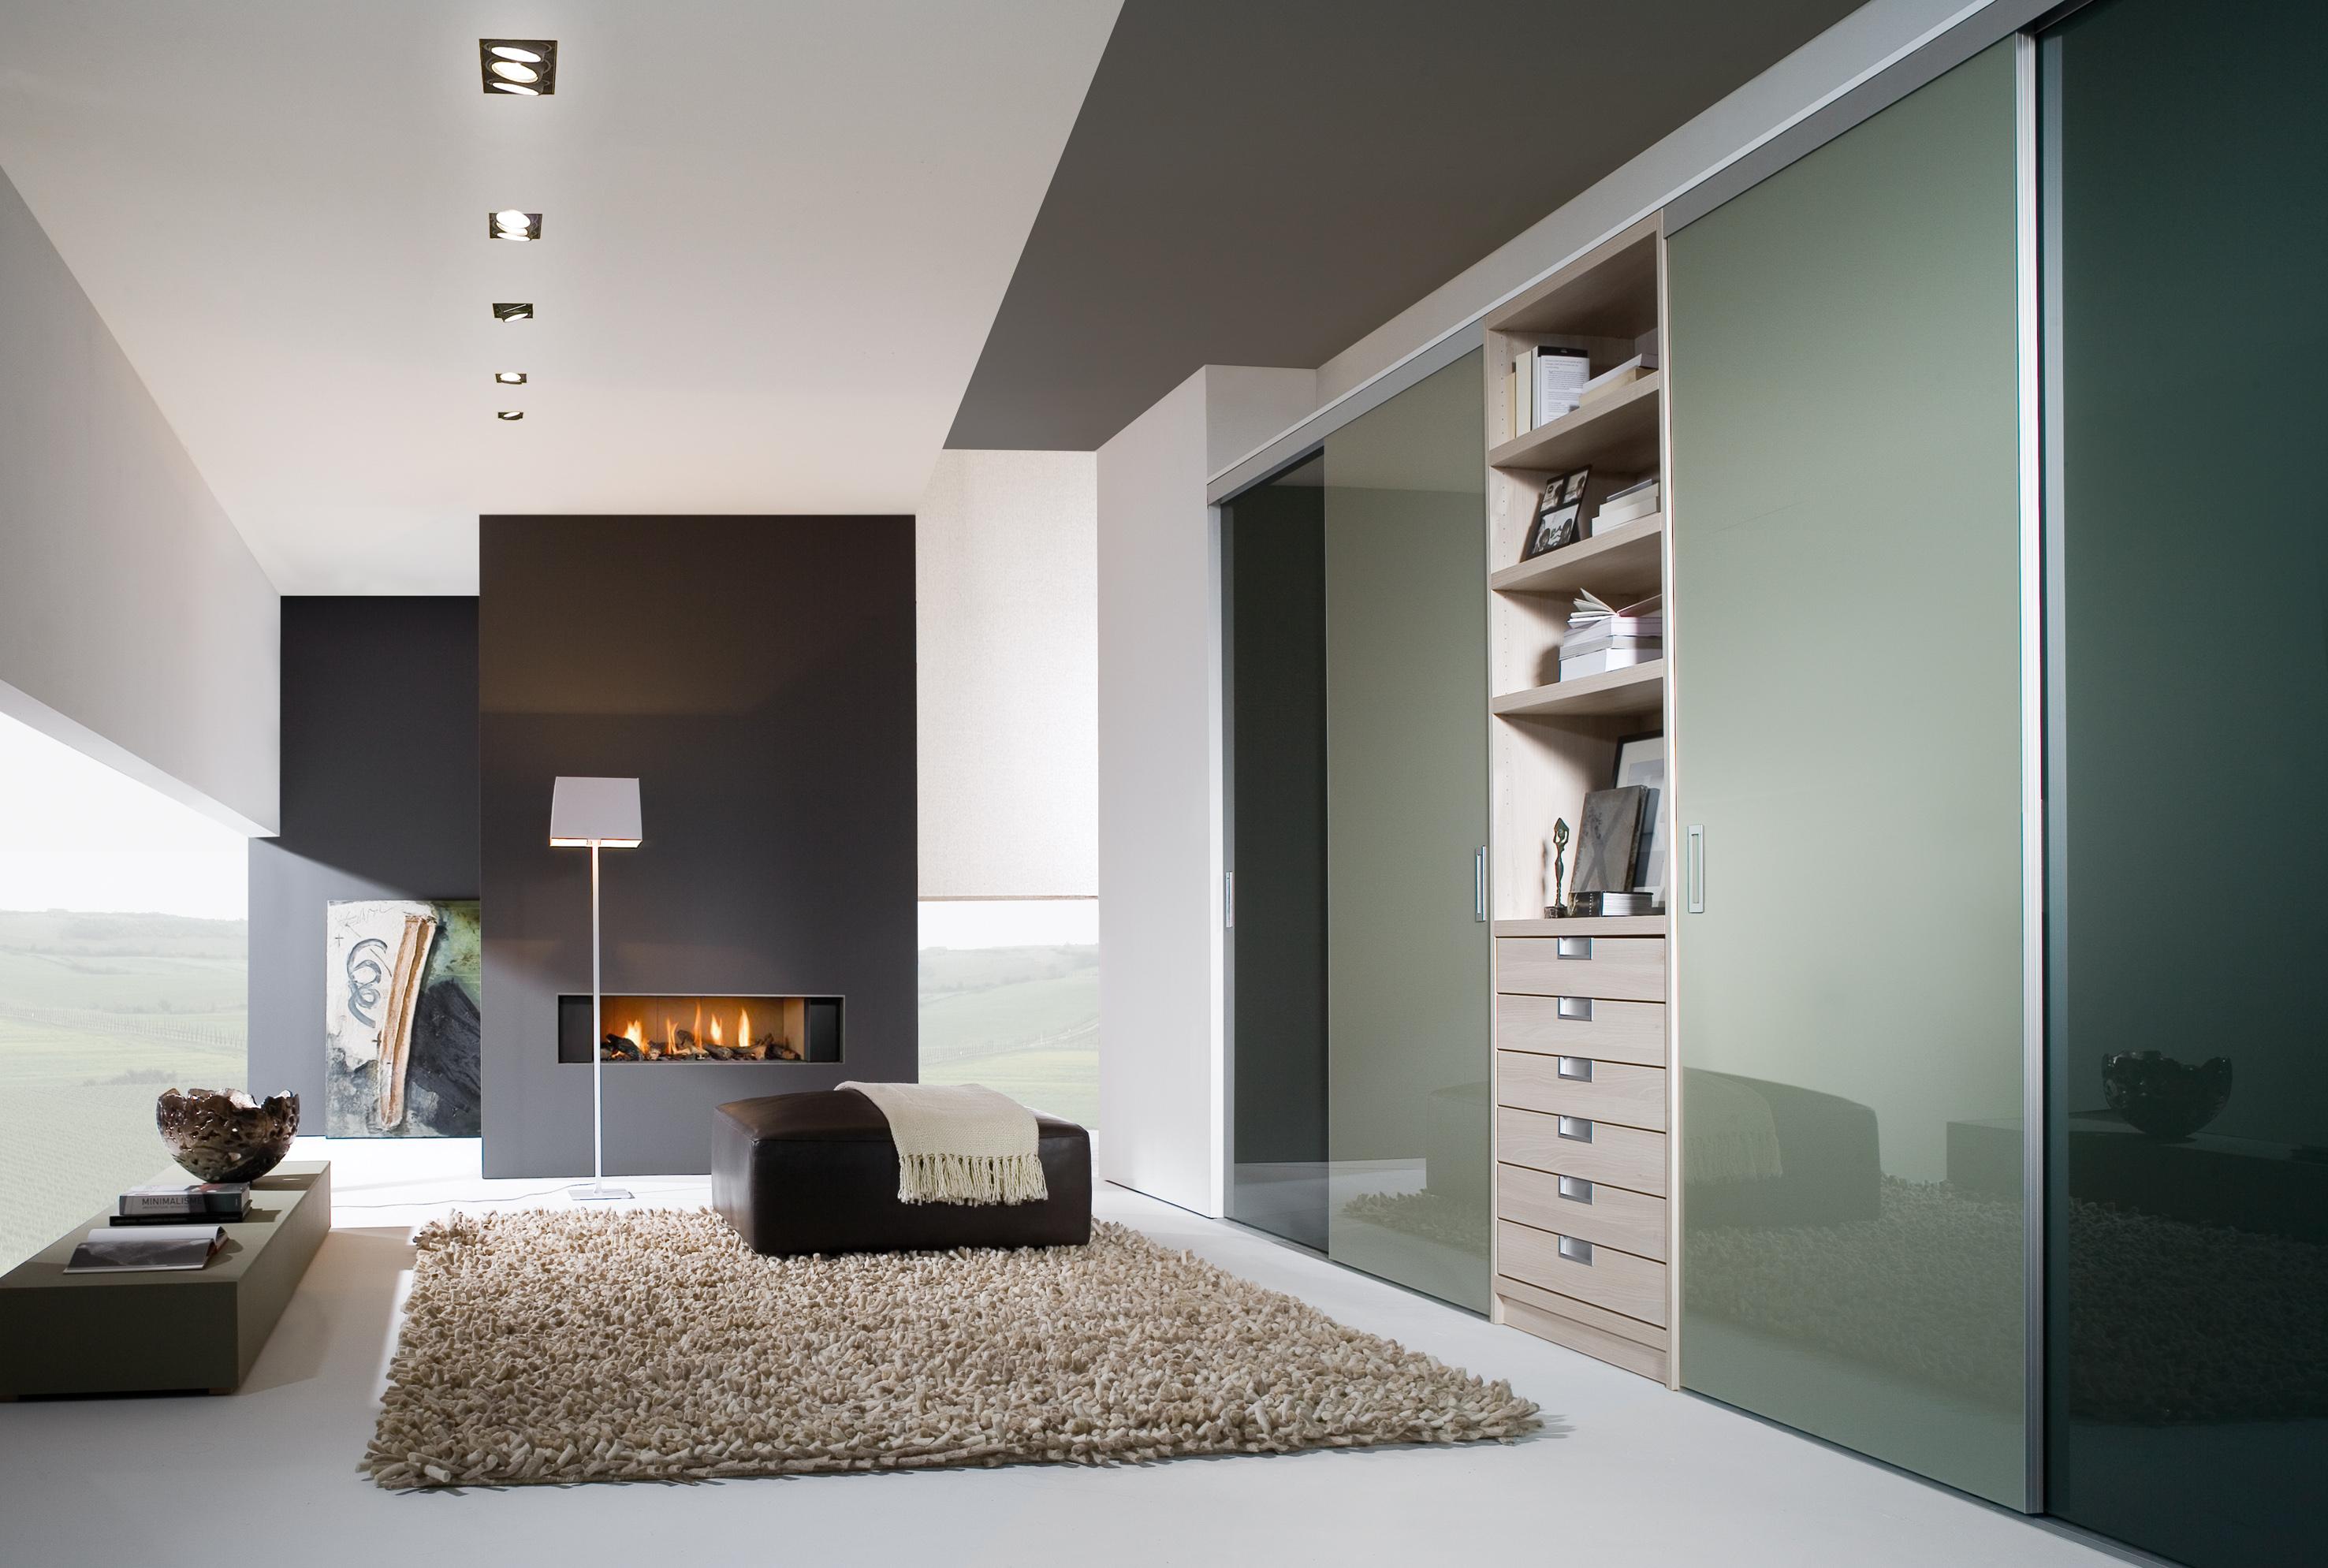 schiebet ren leipzig dresden chemnitz auch f r dachschr gen. Black Bedroom Furniture Sets. Home Design Ideas